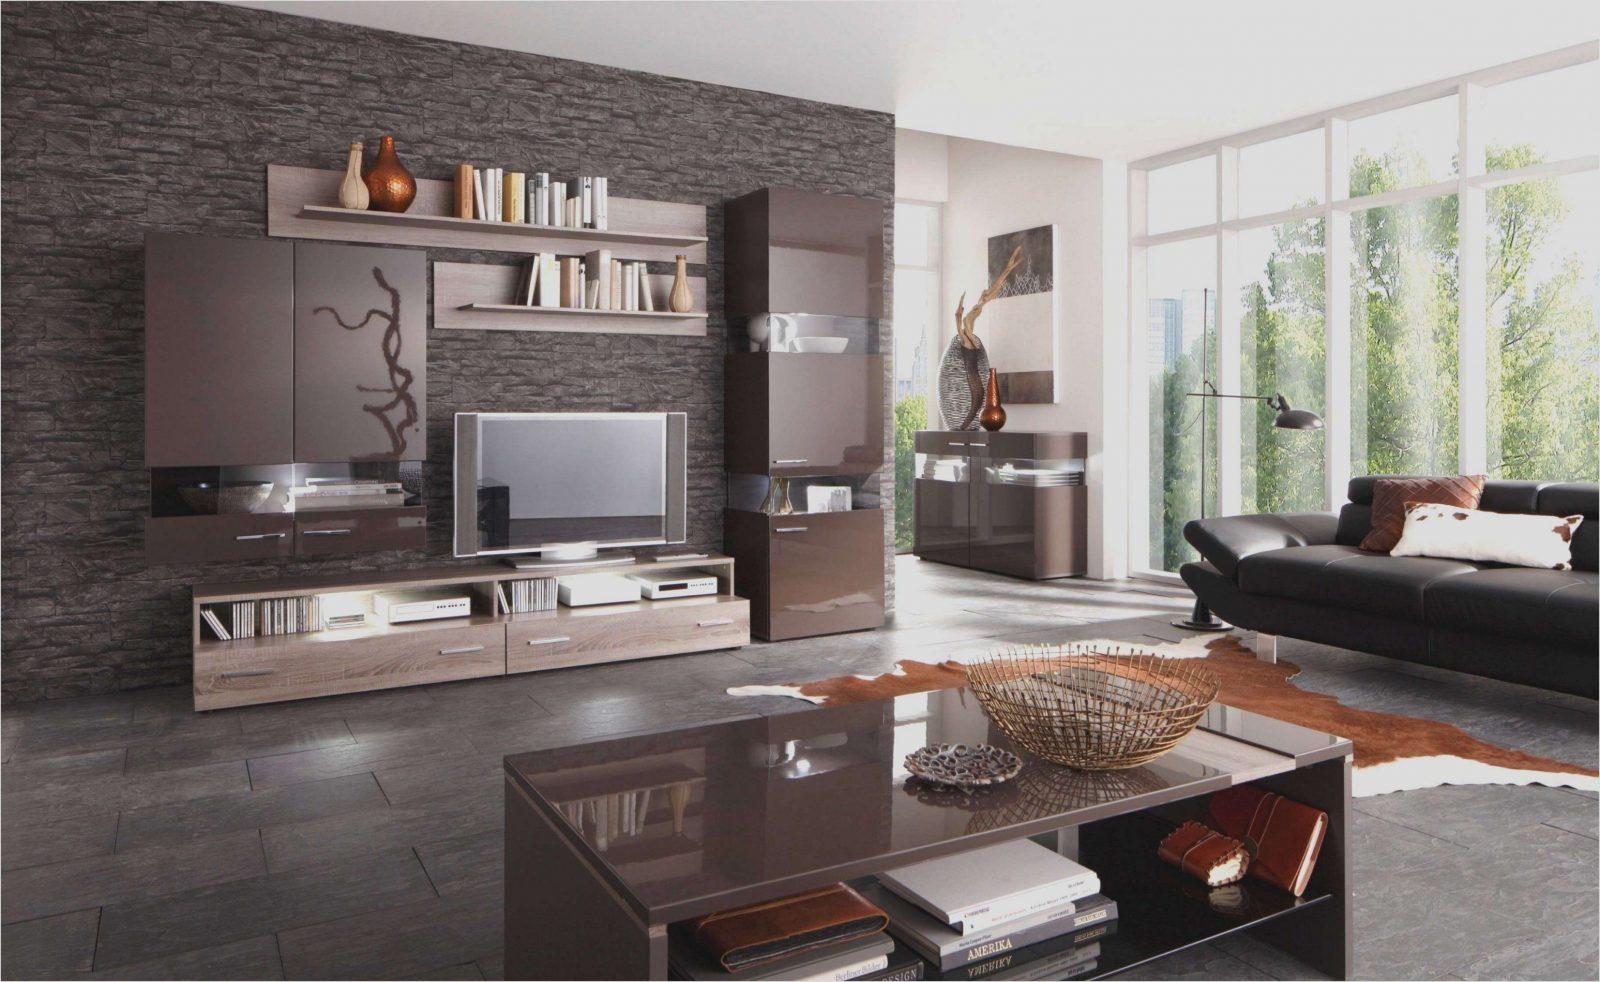 31 Wohnzimmer Modern Einrichten Designideen Von Wohnzimmer von Wohnzimmer Gestalten Mit Tapeten Photo